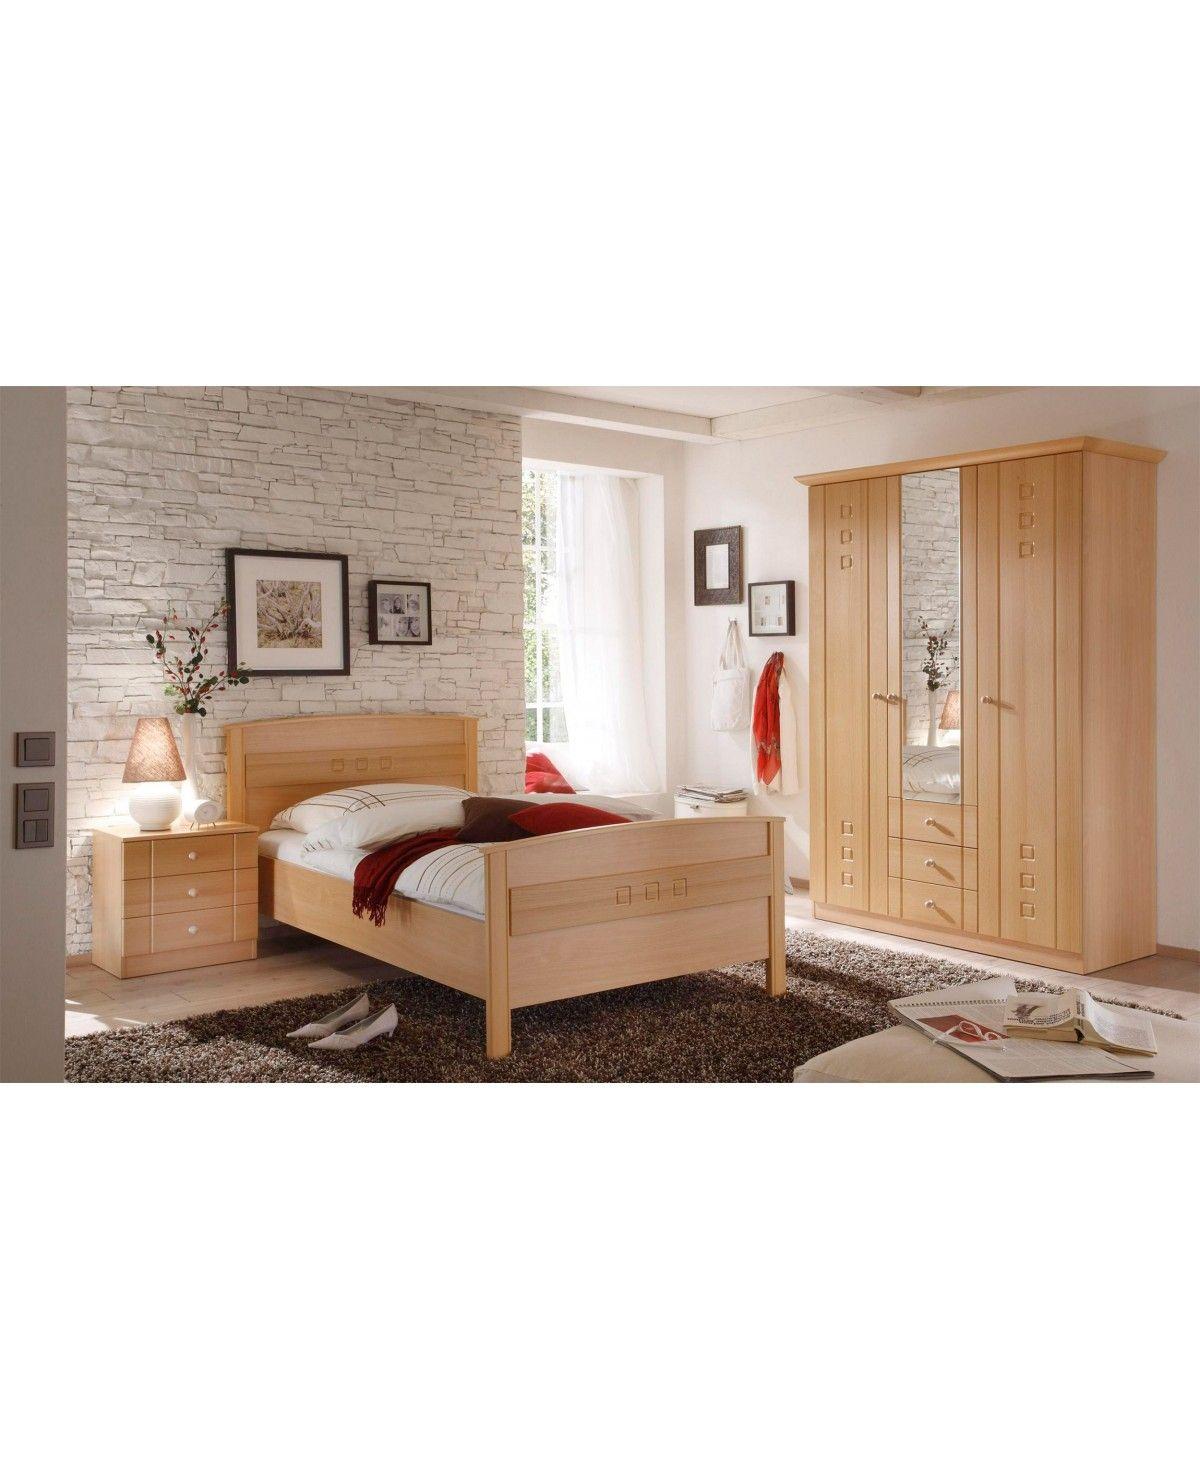 Schlafzimmer Seniorenzimmer Komfortbett Schrank Kommode Buche Dekor